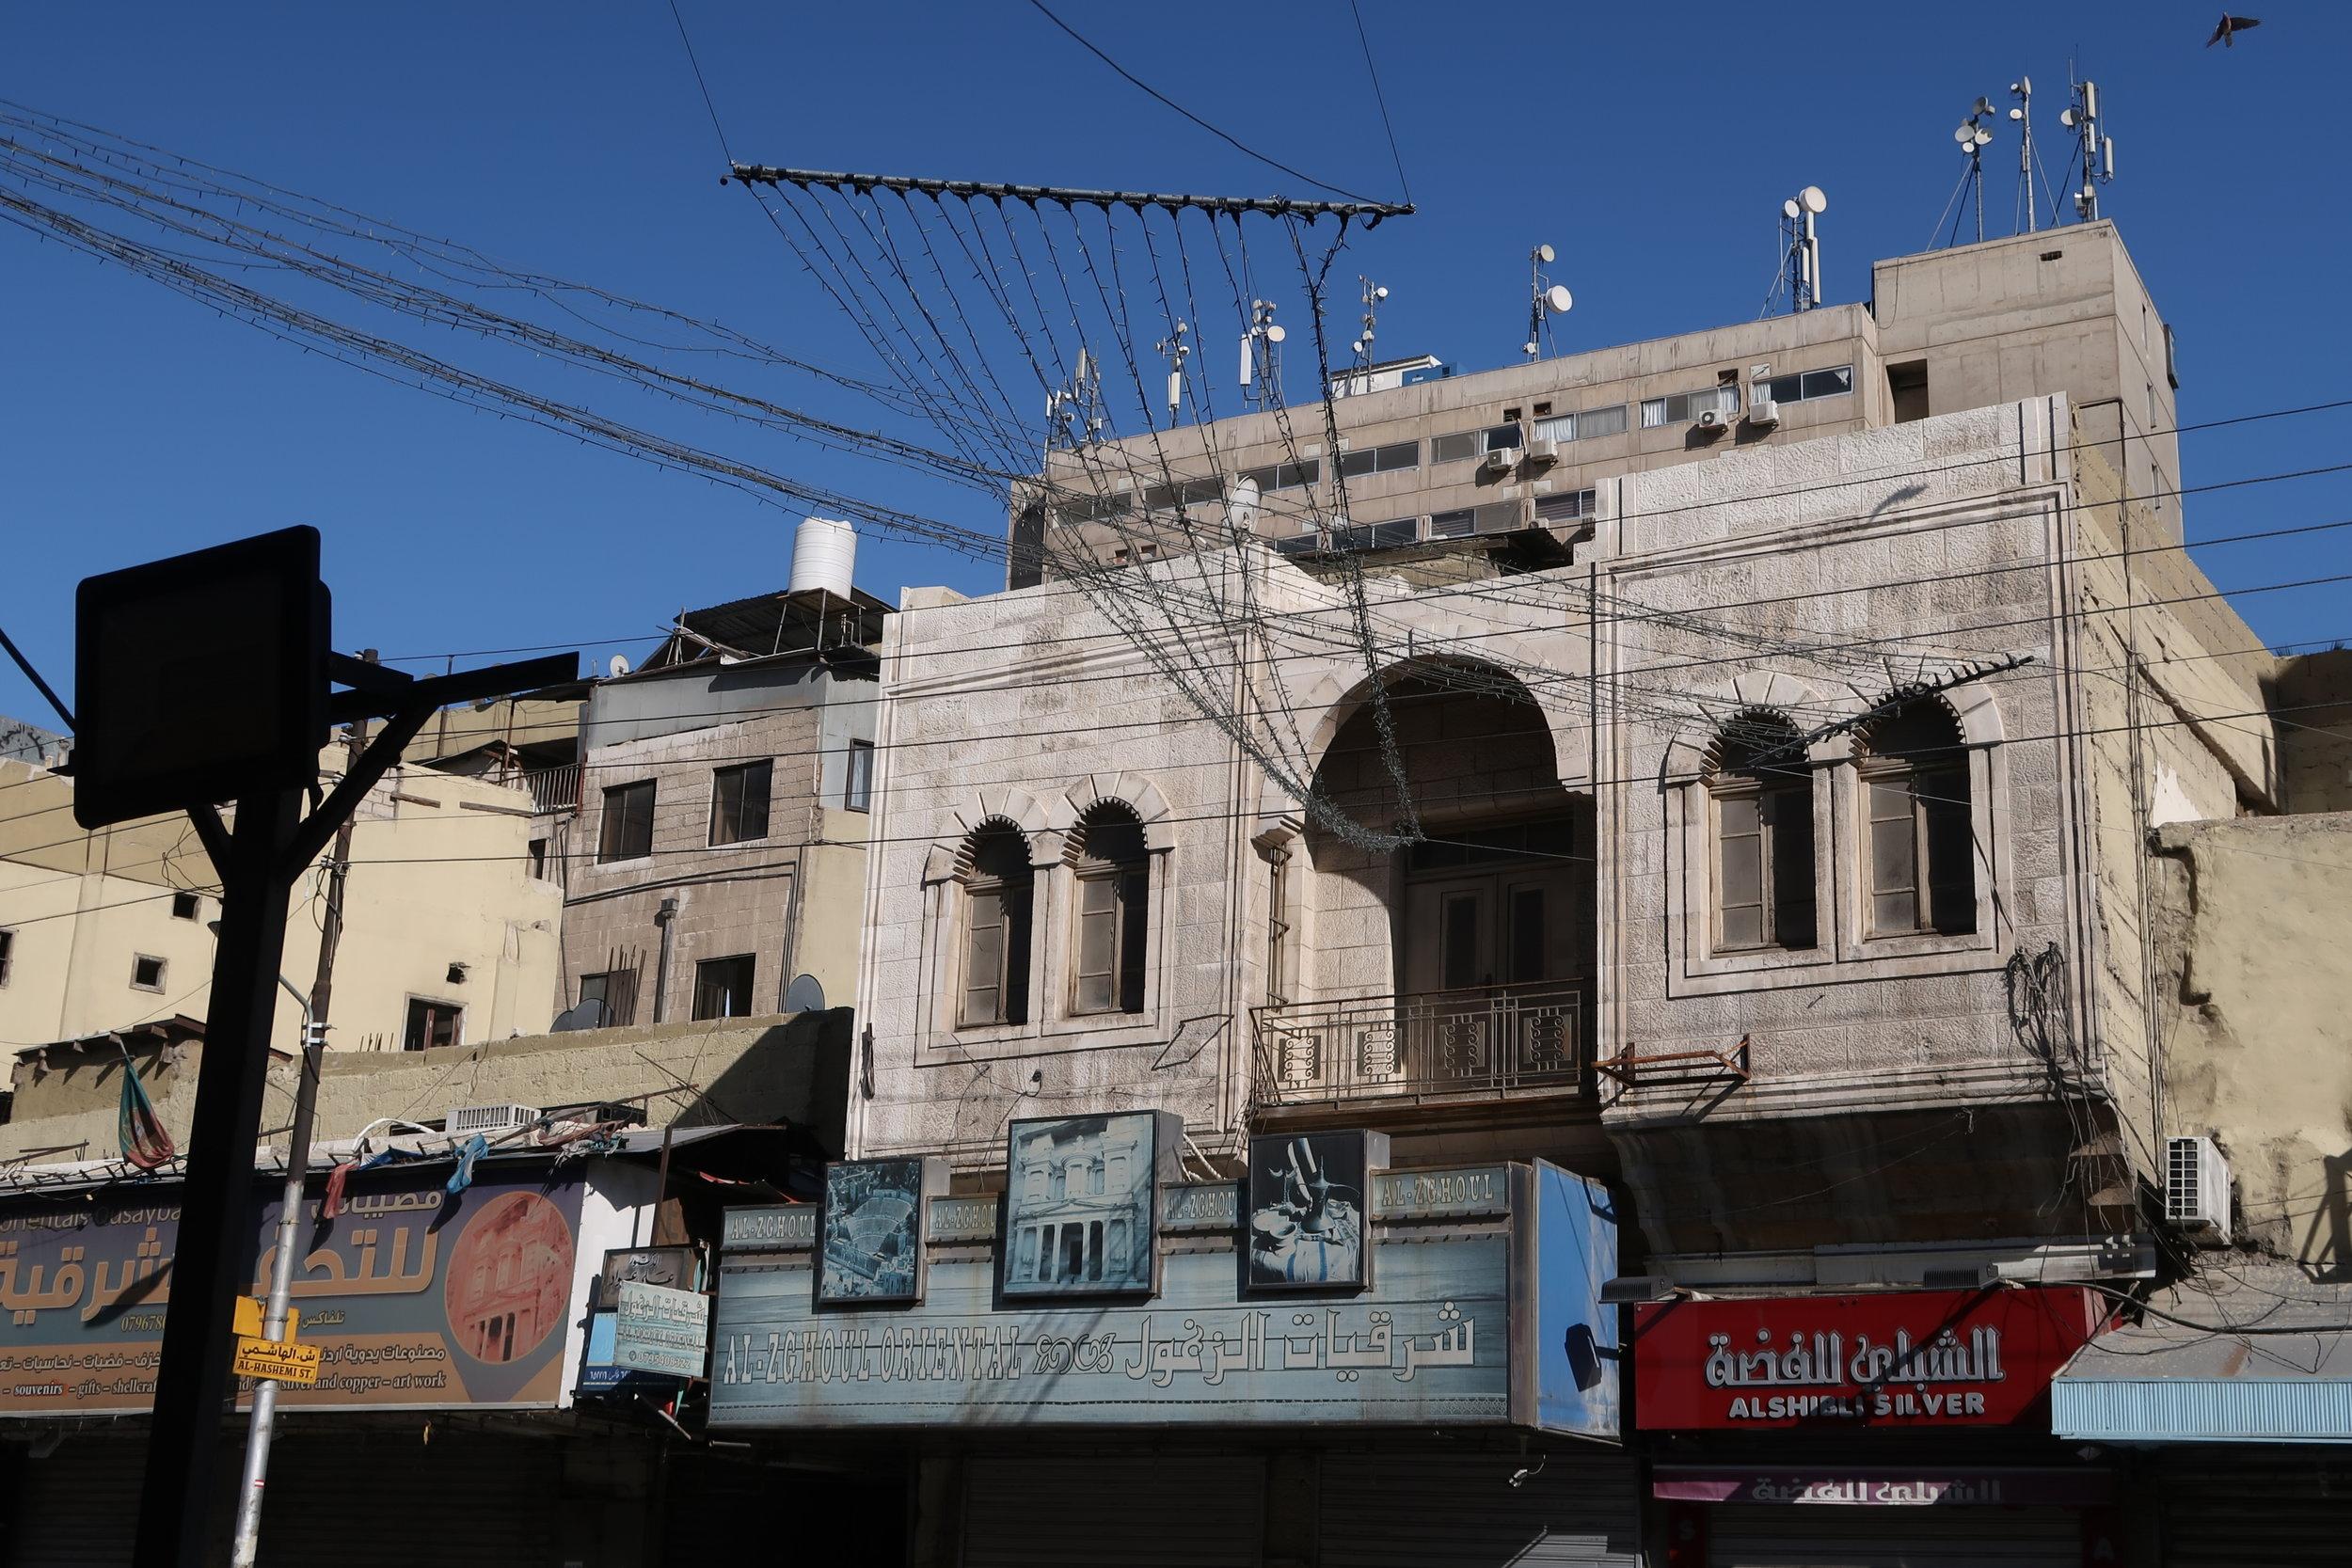 upsouth-mingmingfeng-jordan-travel-amman-day2-old-town-02.JPG